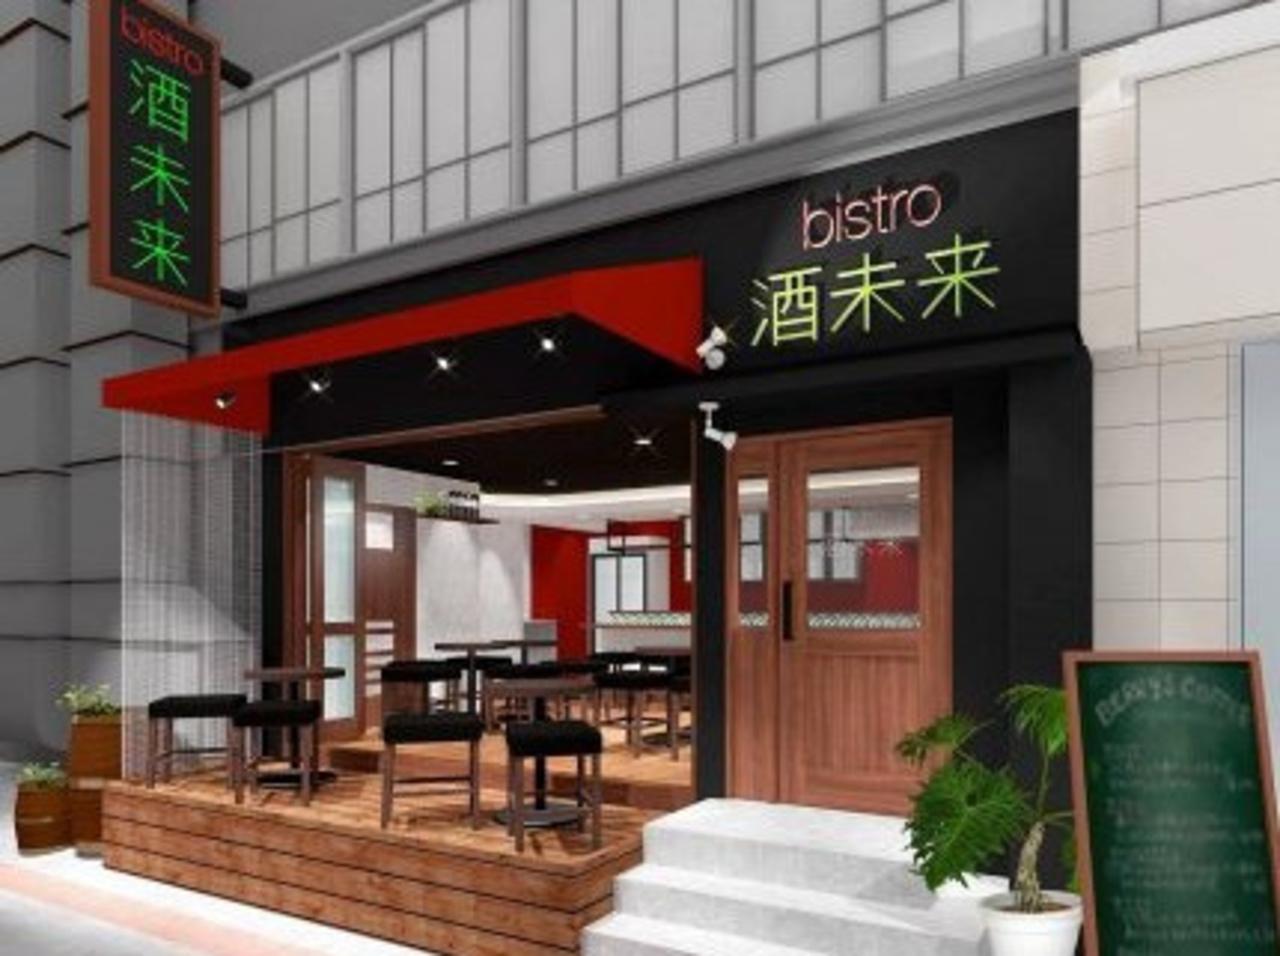 日本酒とイタリアンのお店...大阪の北区堂山町に「bistro酒未来」本日オープン